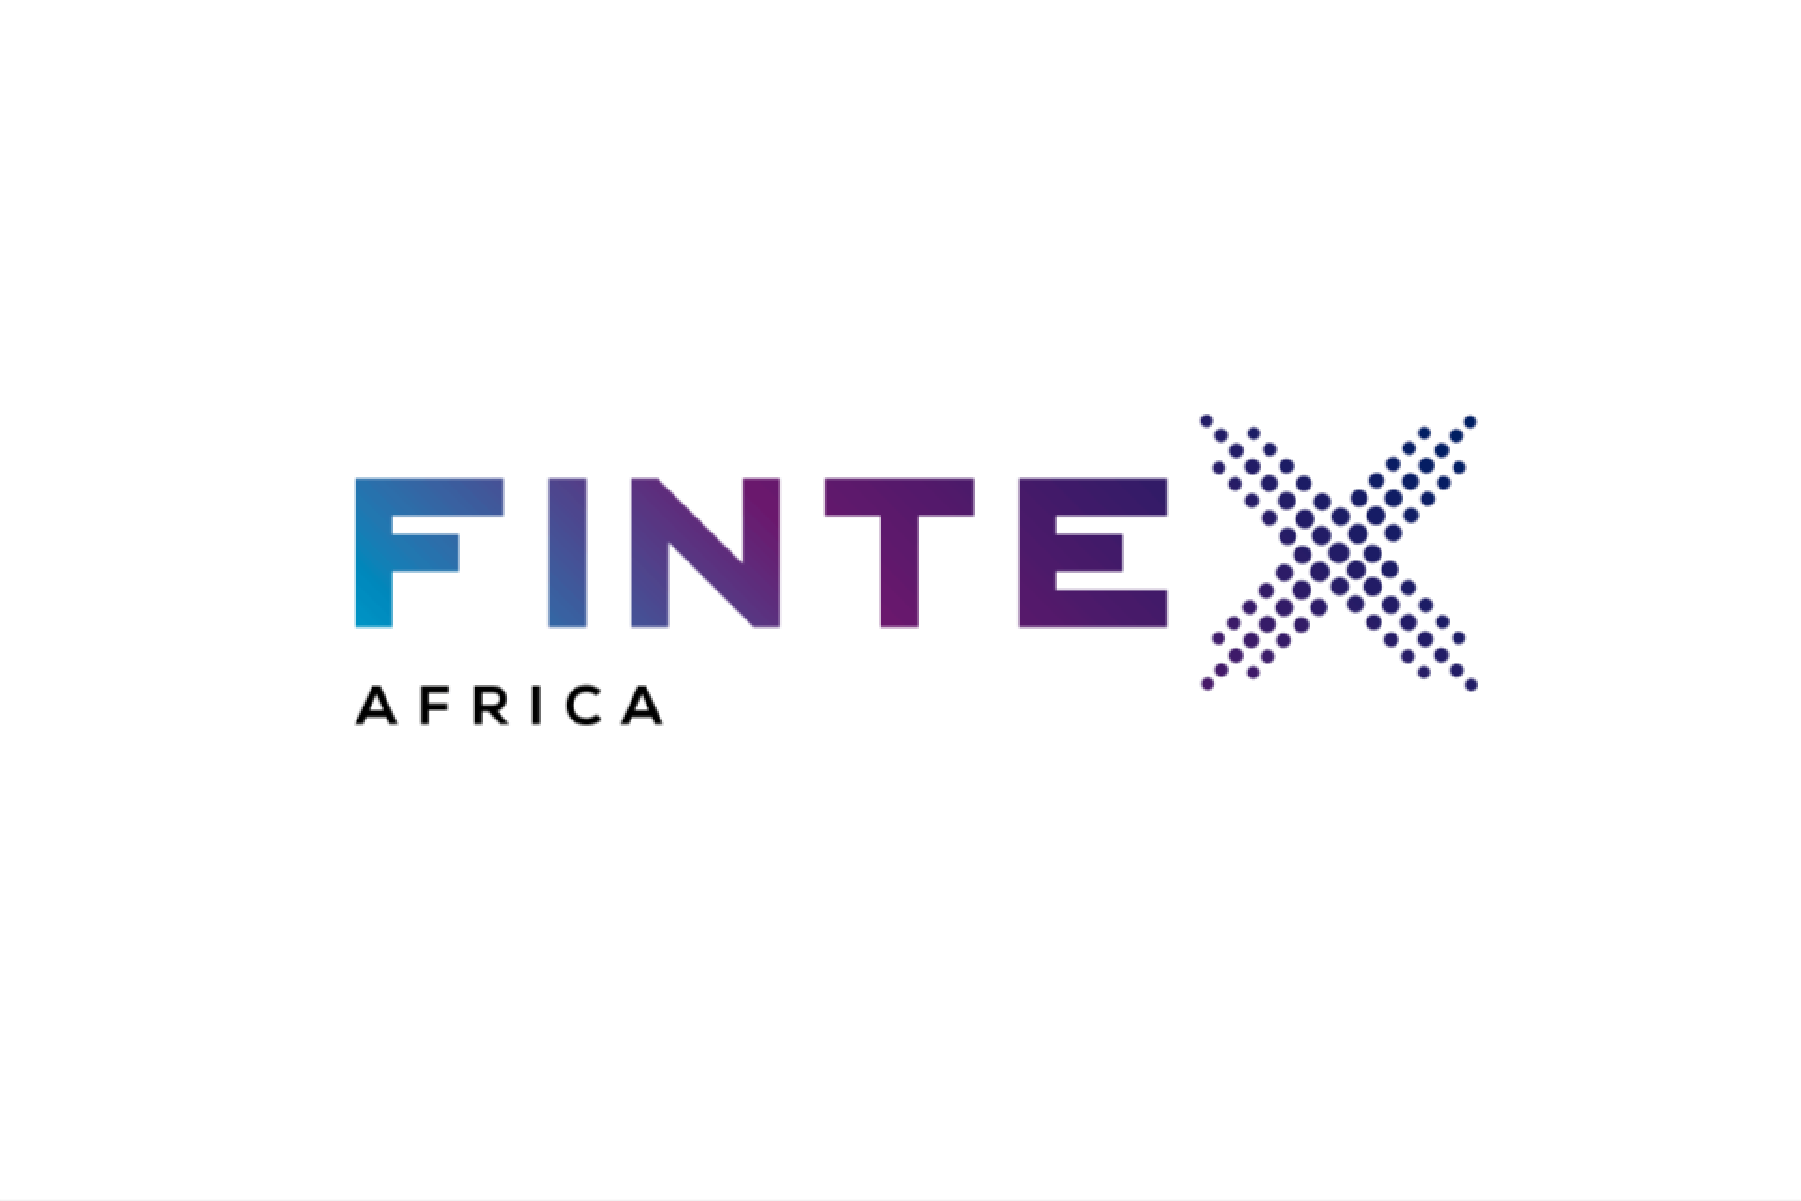 FINTEX Africa